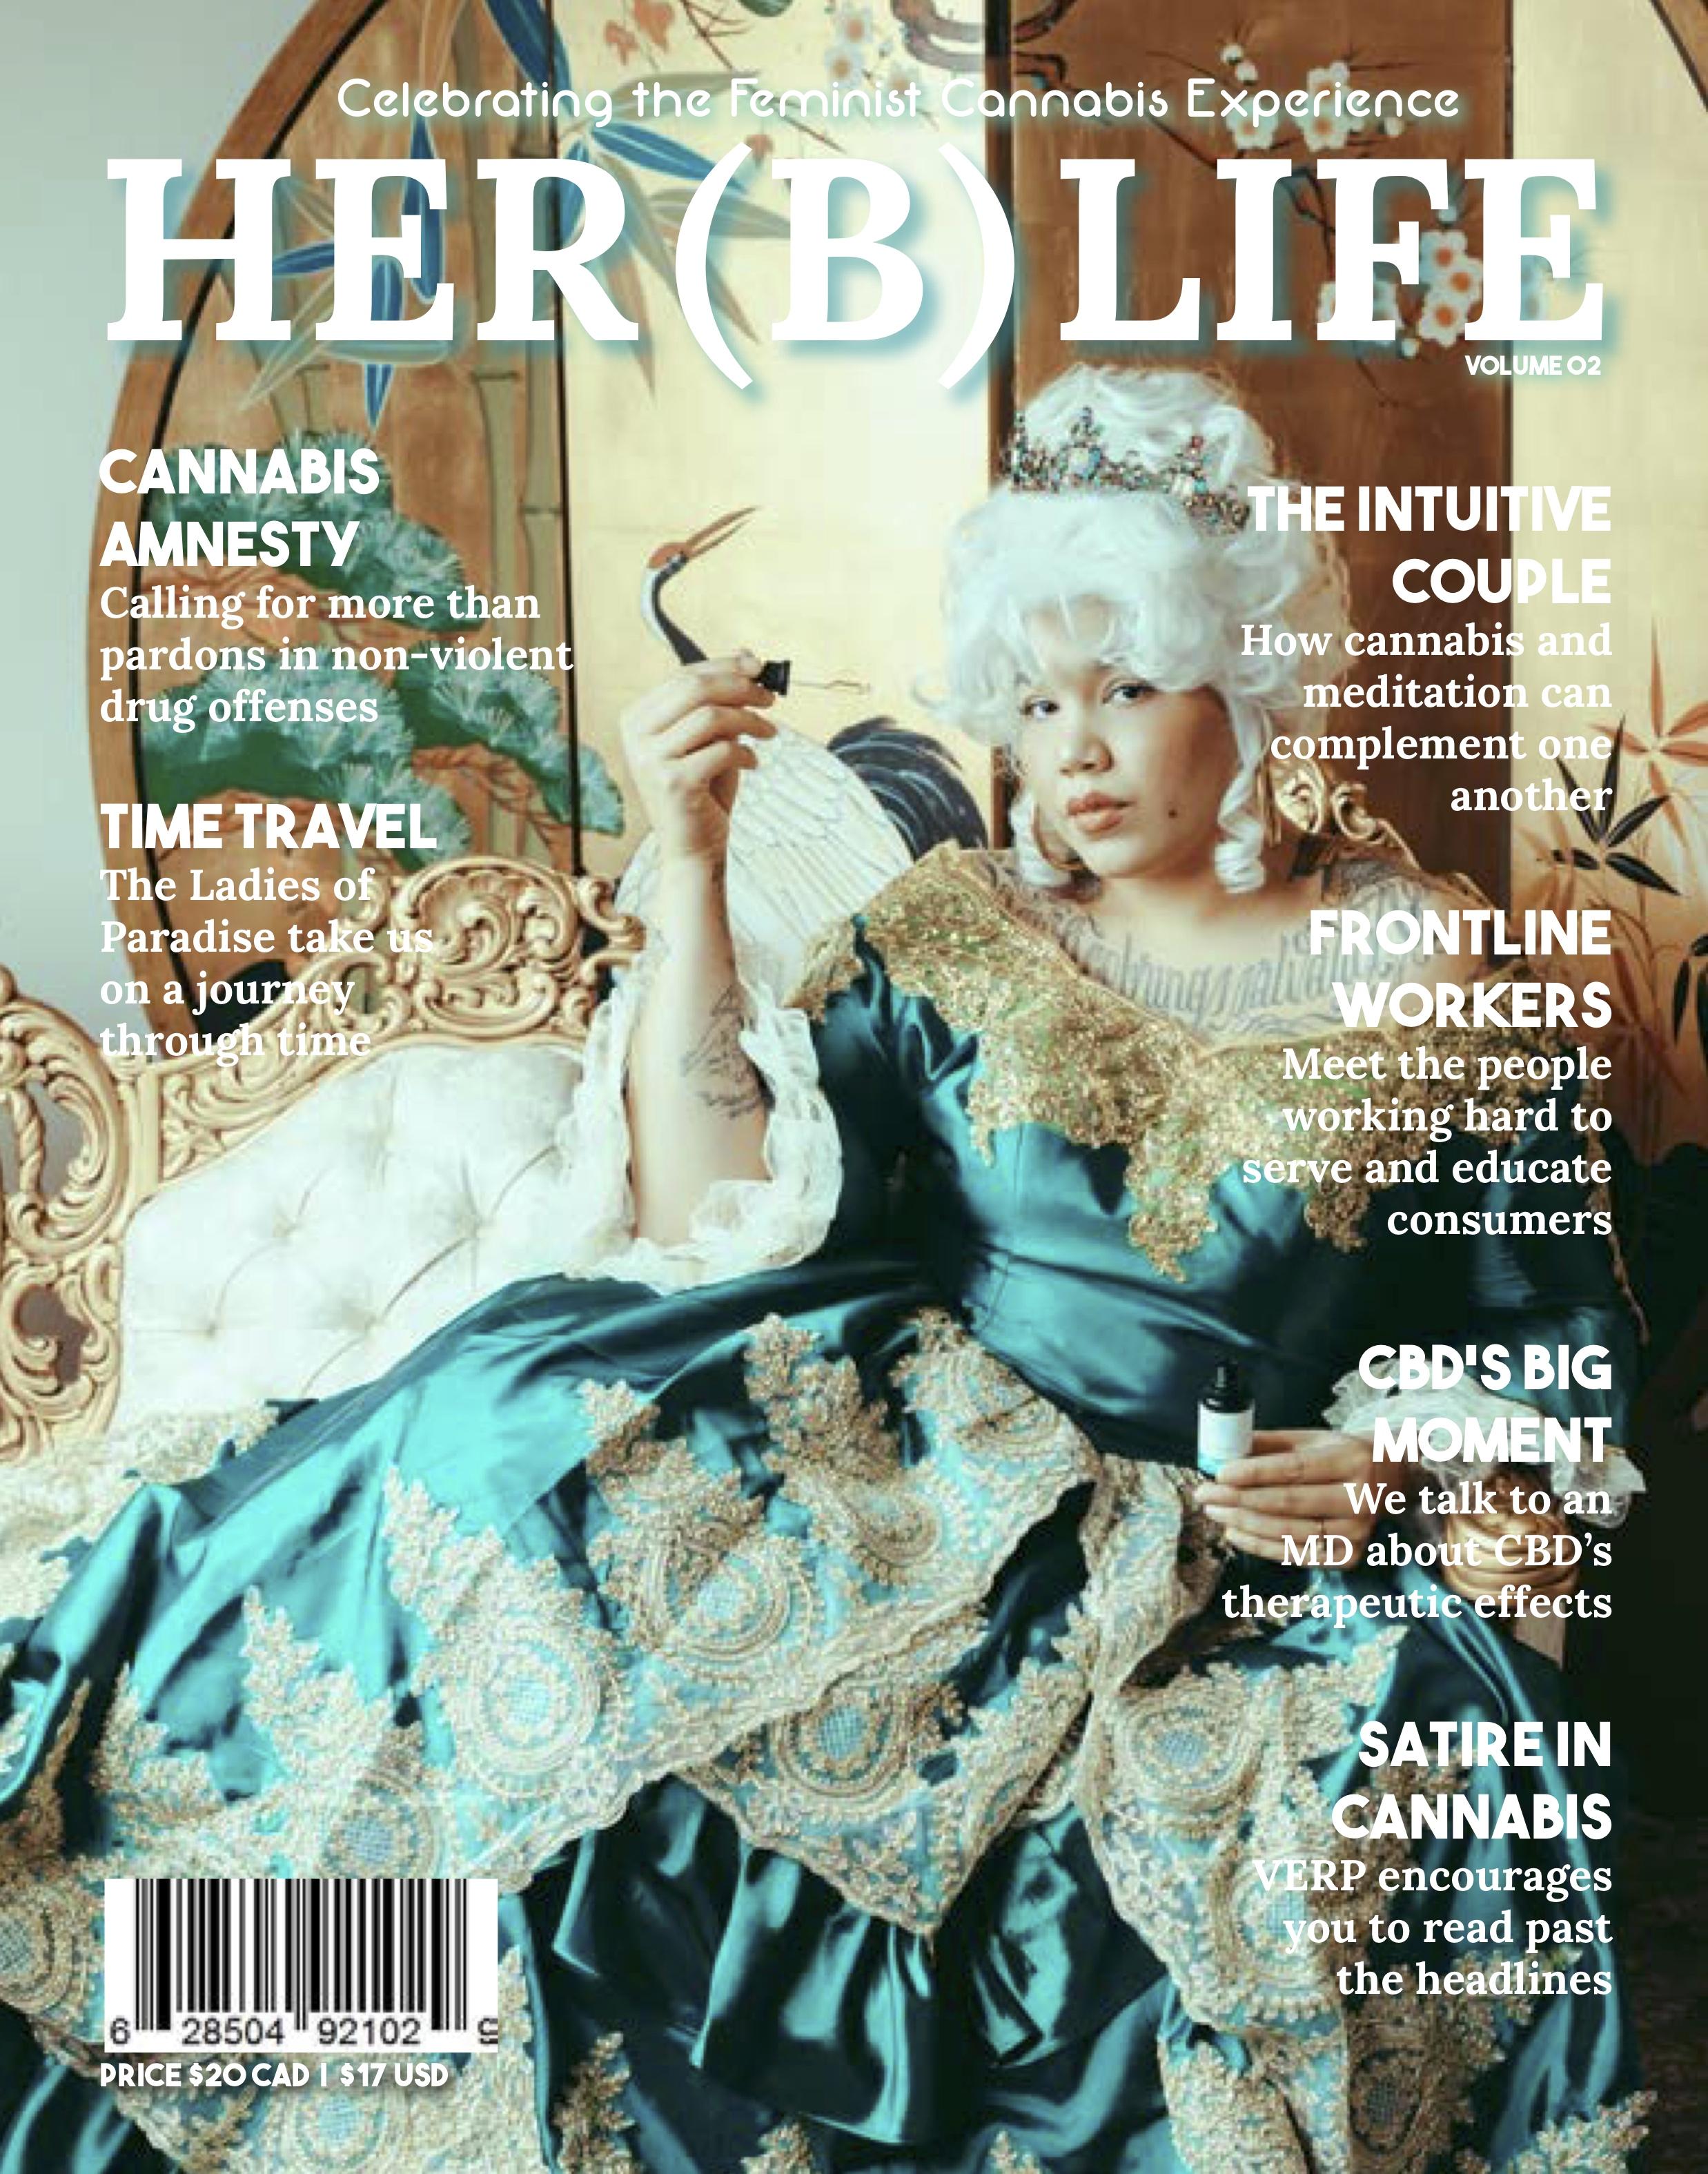 HERBLIFE V2 COVER.jpg